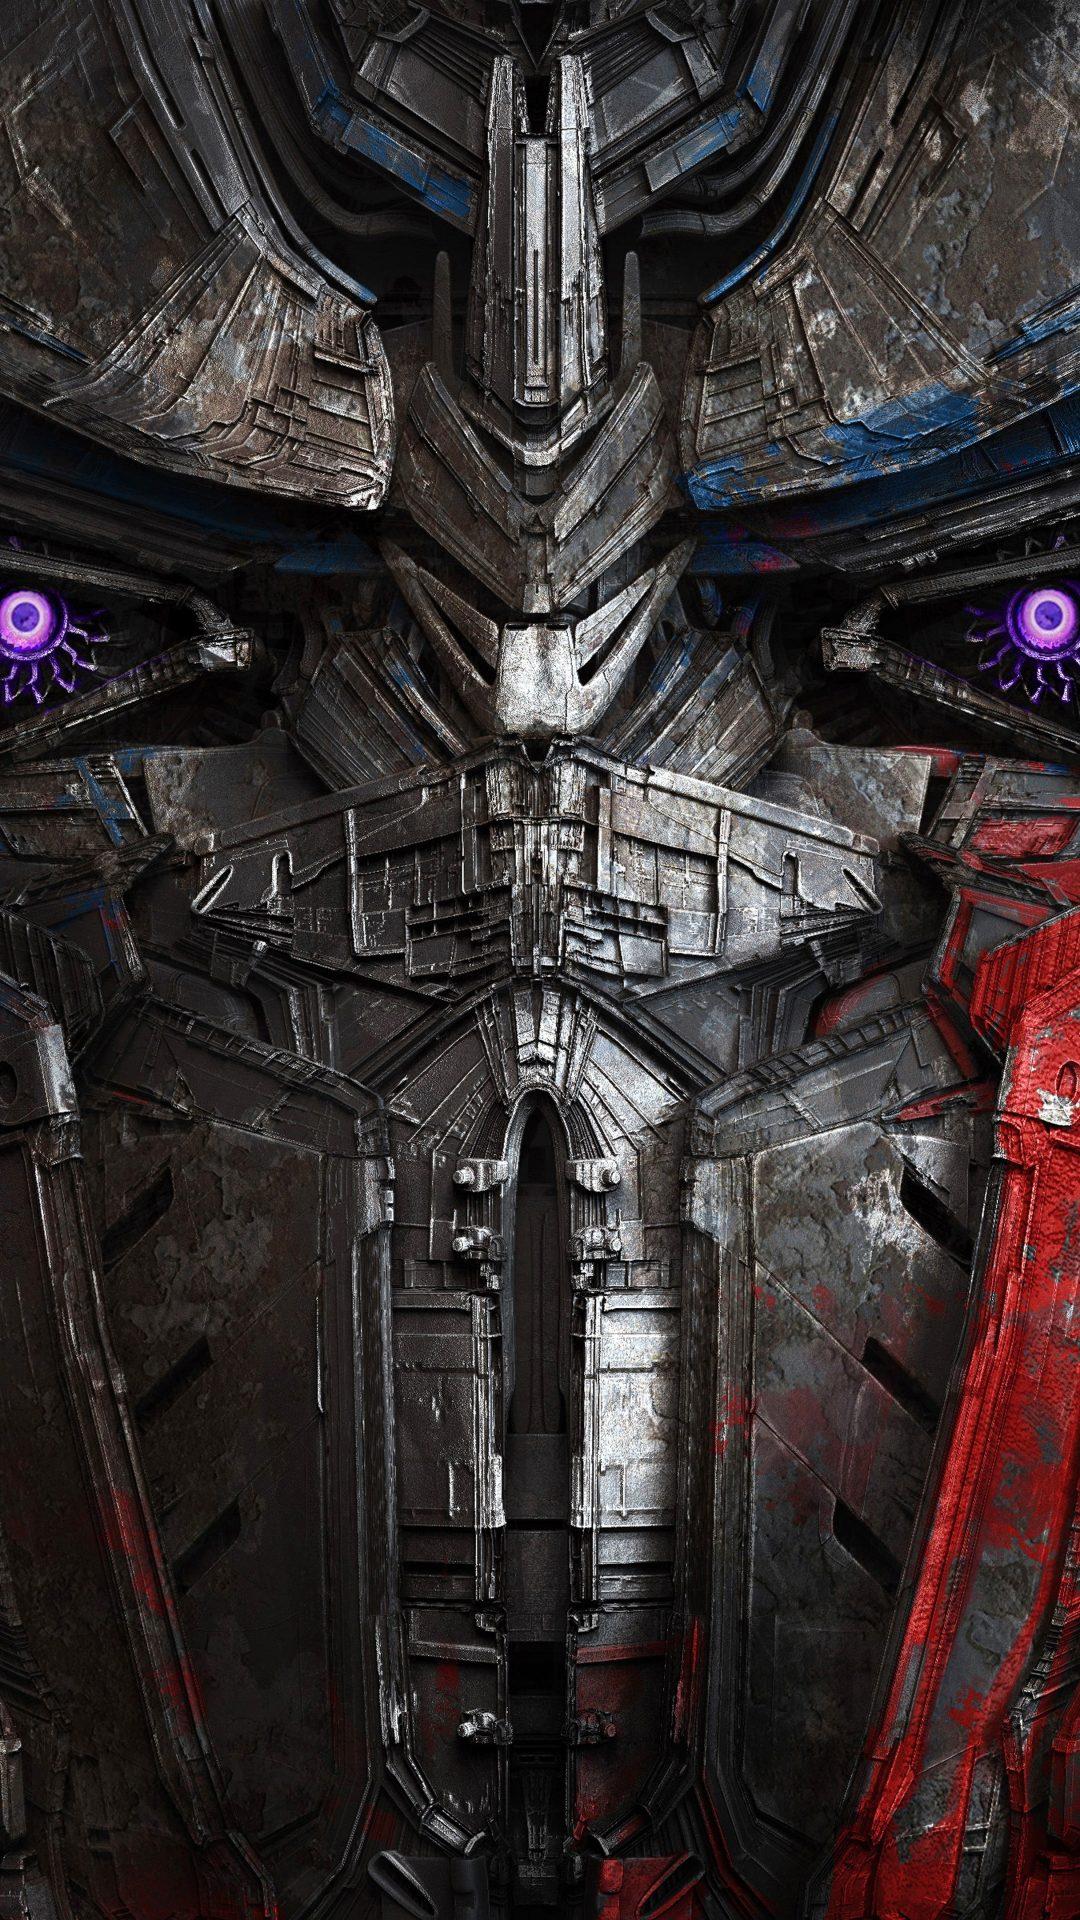 transformers the last knight wallpaper 4k 8k hd